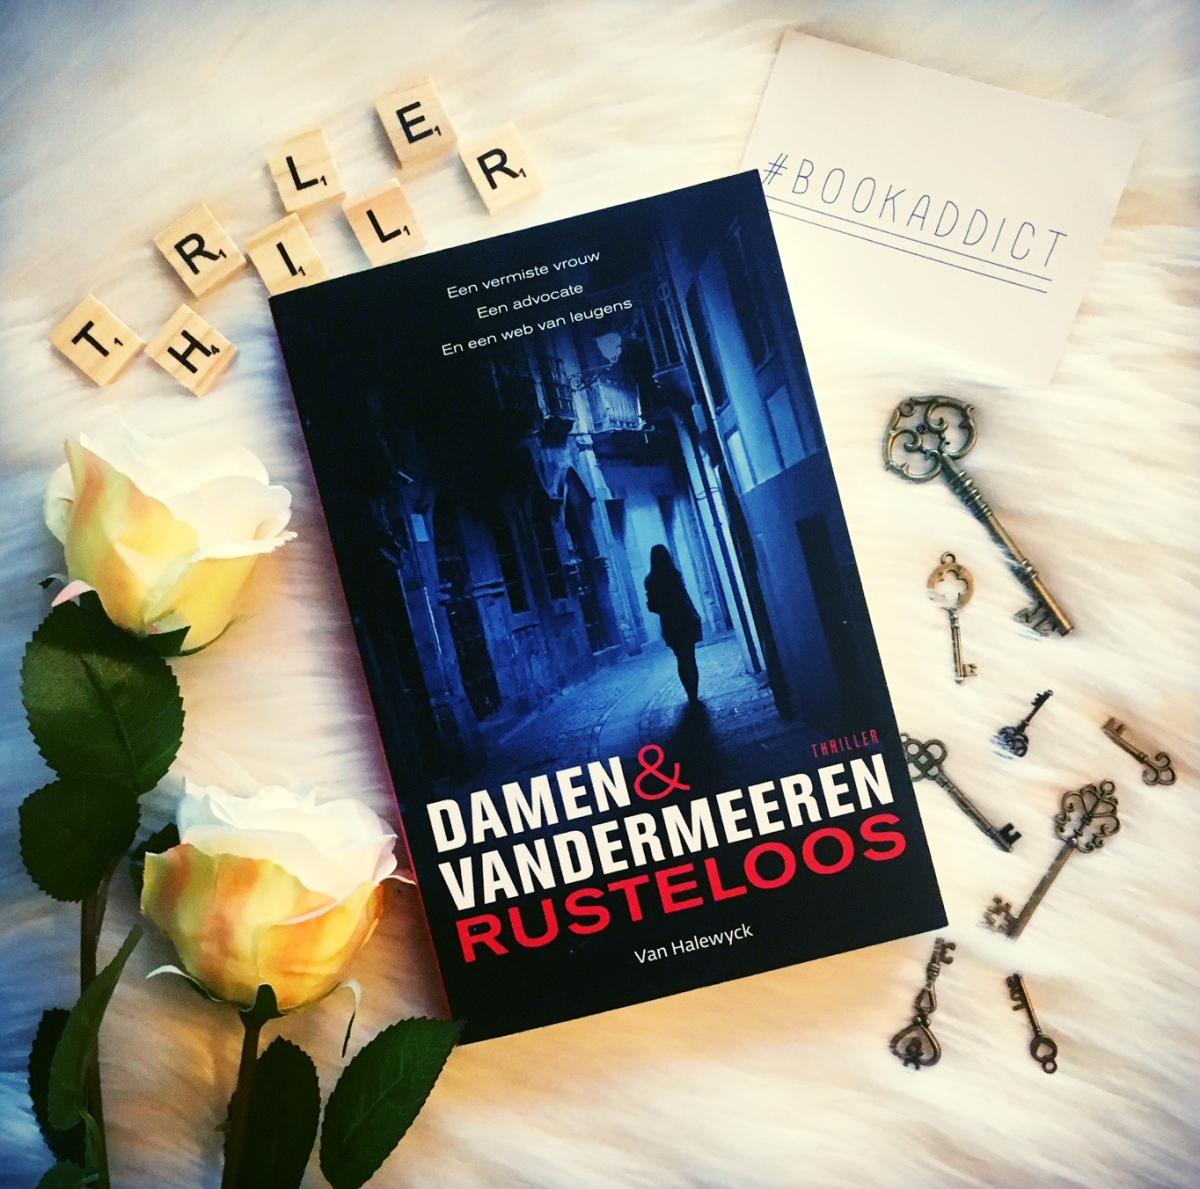 Rusteloos – Walter Damen & HildeVandermeeren